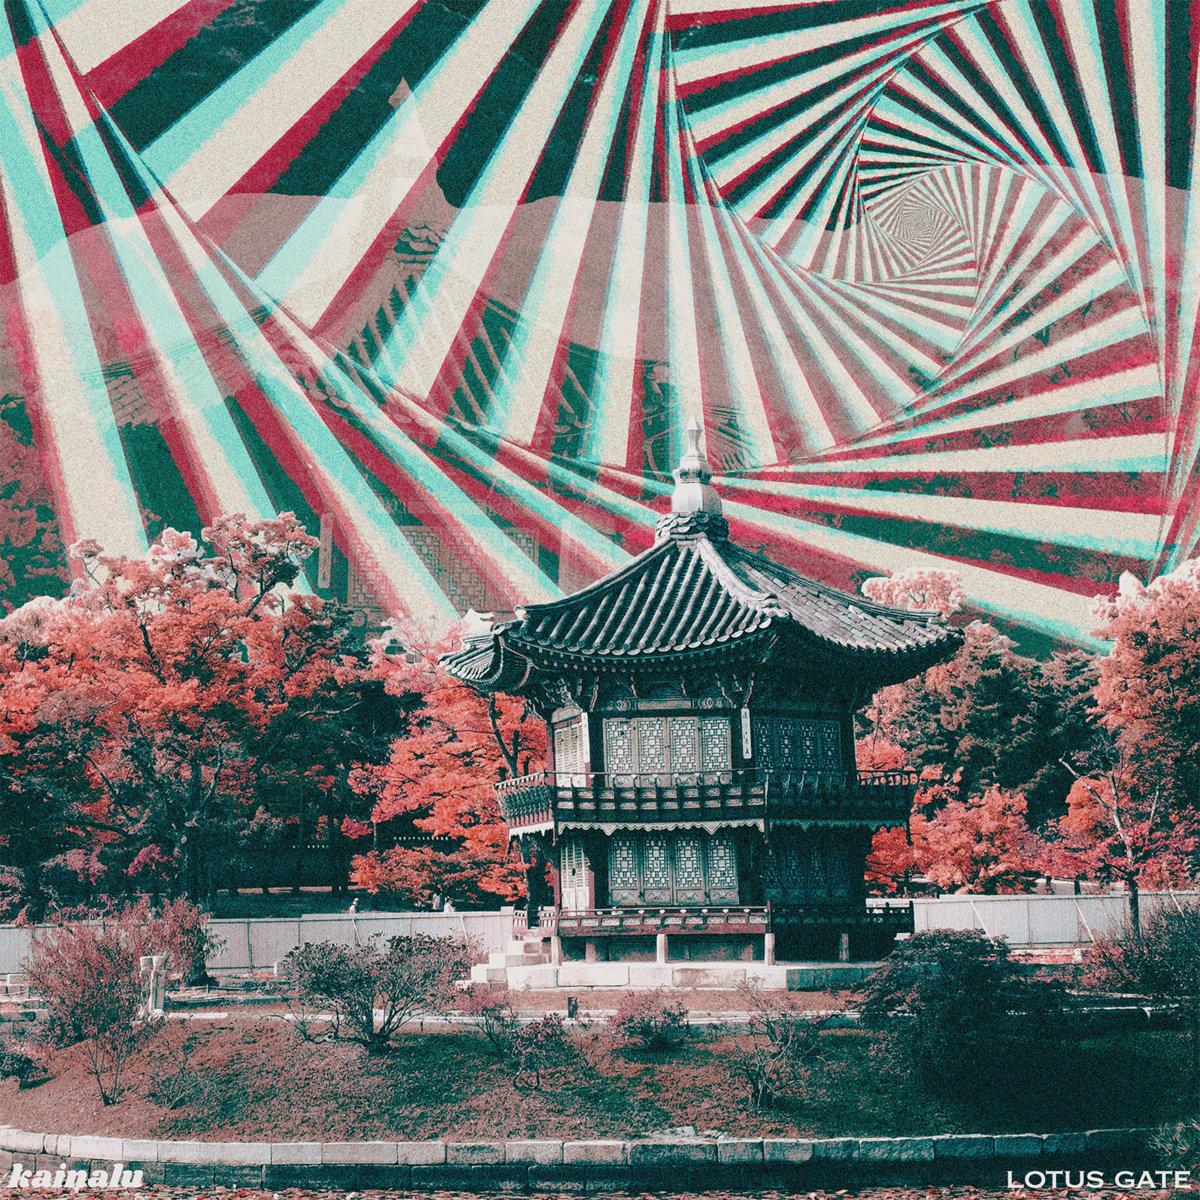 DYLTS-Kainalu-Lotus-Gate